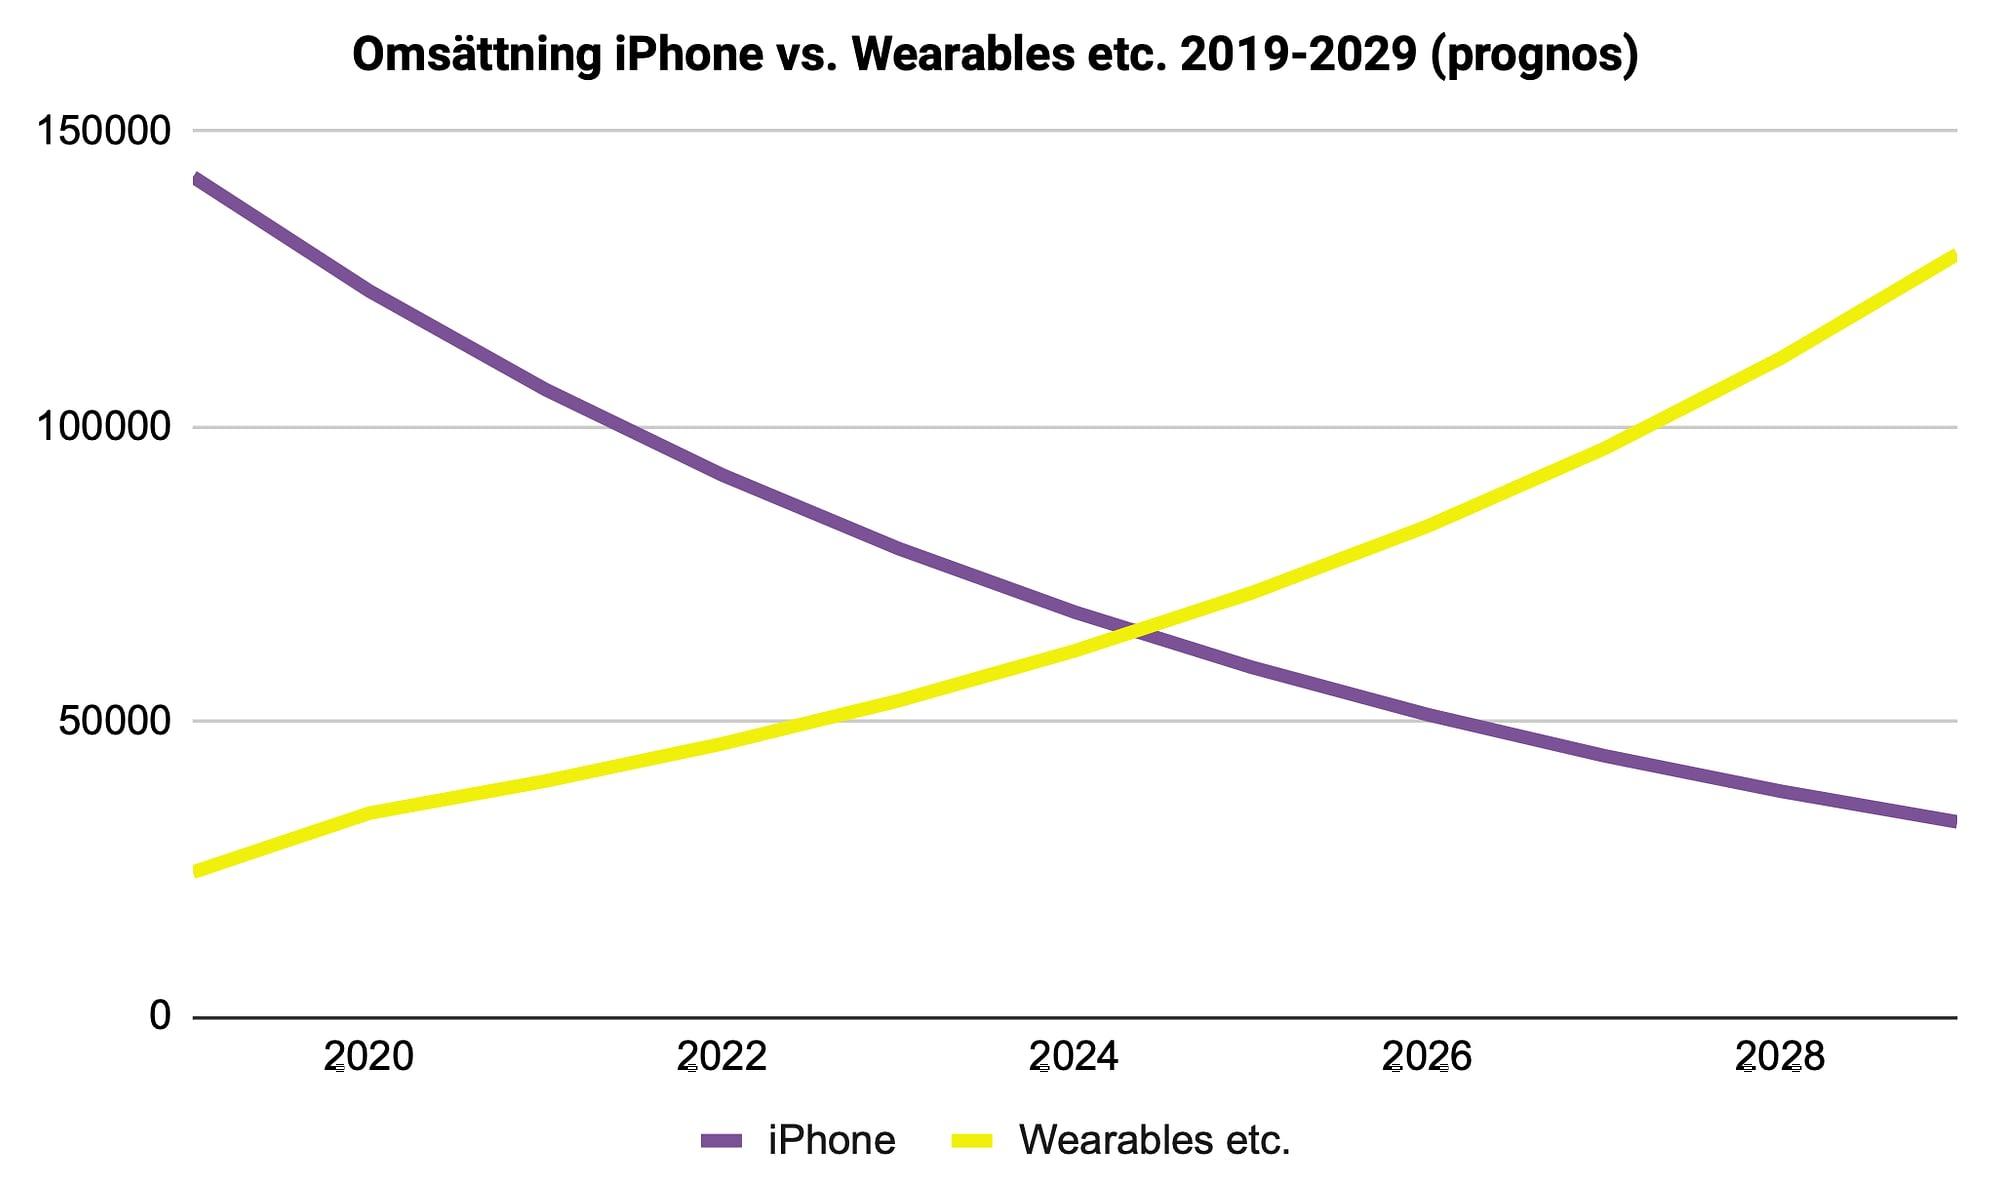 Diagram över omsättningen för iPhone jämfört med omsättningen för Wearables etc. 2019-2029